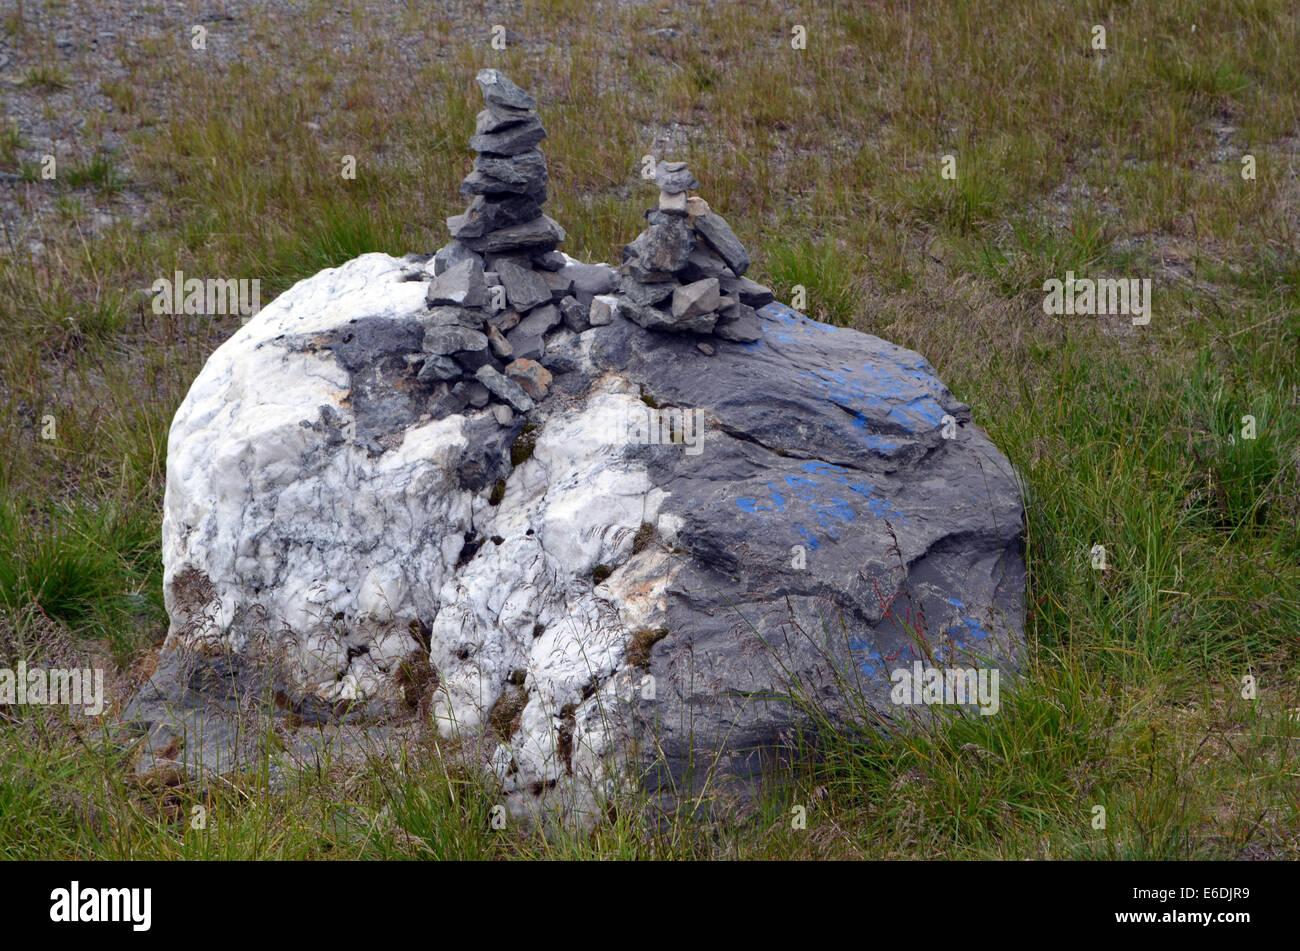 Un misterioso mucchio di pietre, ovviamente costruita a mano che sembra essere una tradizione Sami. Essi si trovano Immagini Stock